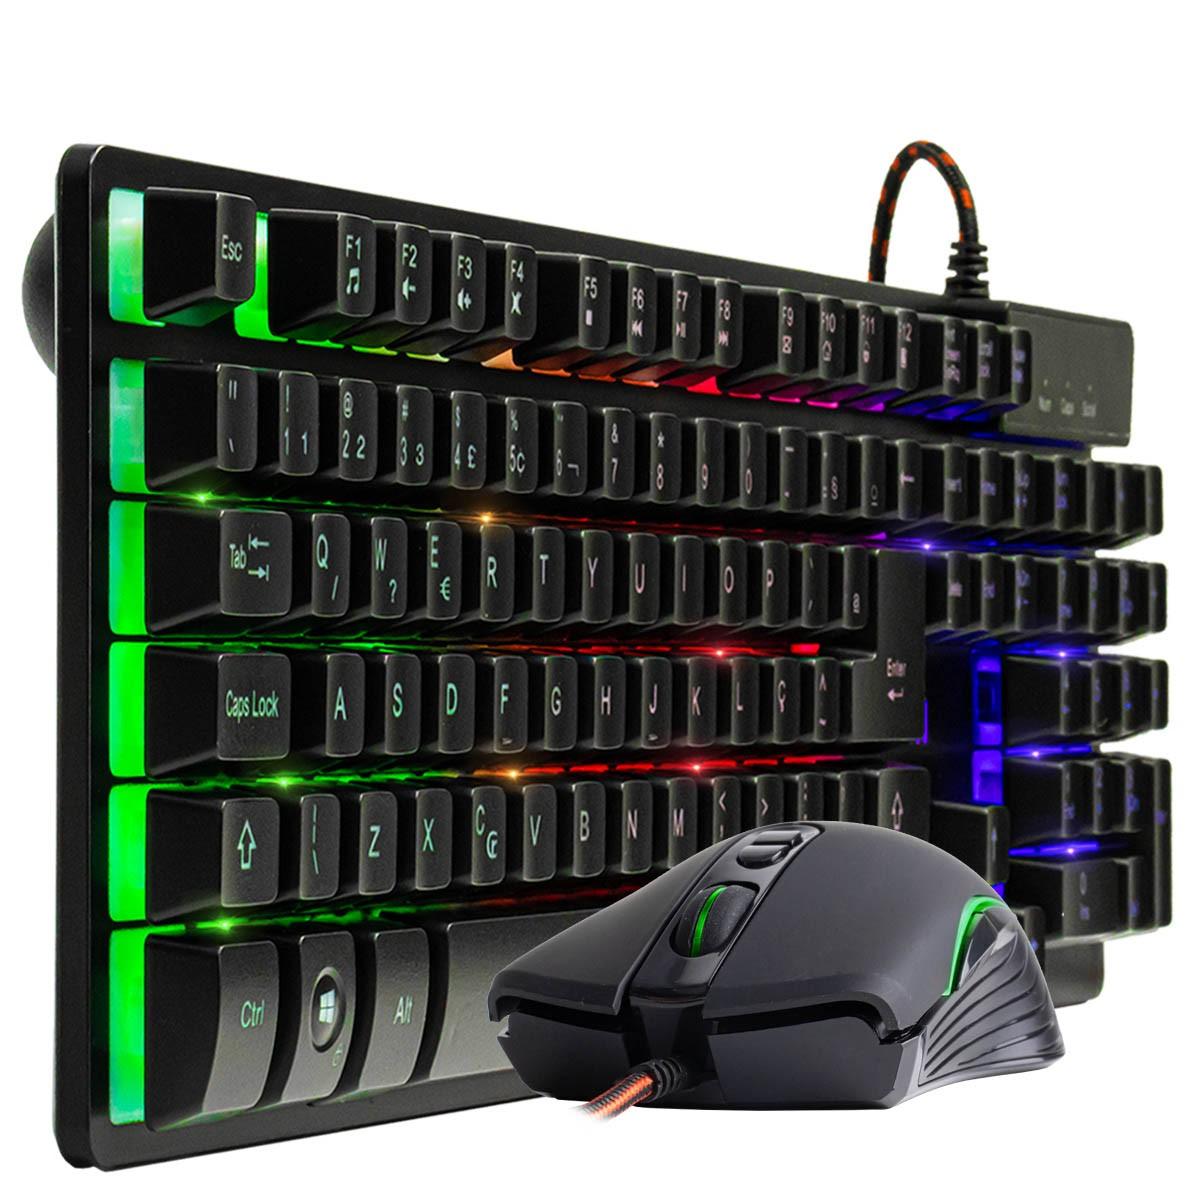 KIT Teclado Gamer Semi Mecânico com LED BM-T06 + Mouse Gamer 6400 dpi GM-V550